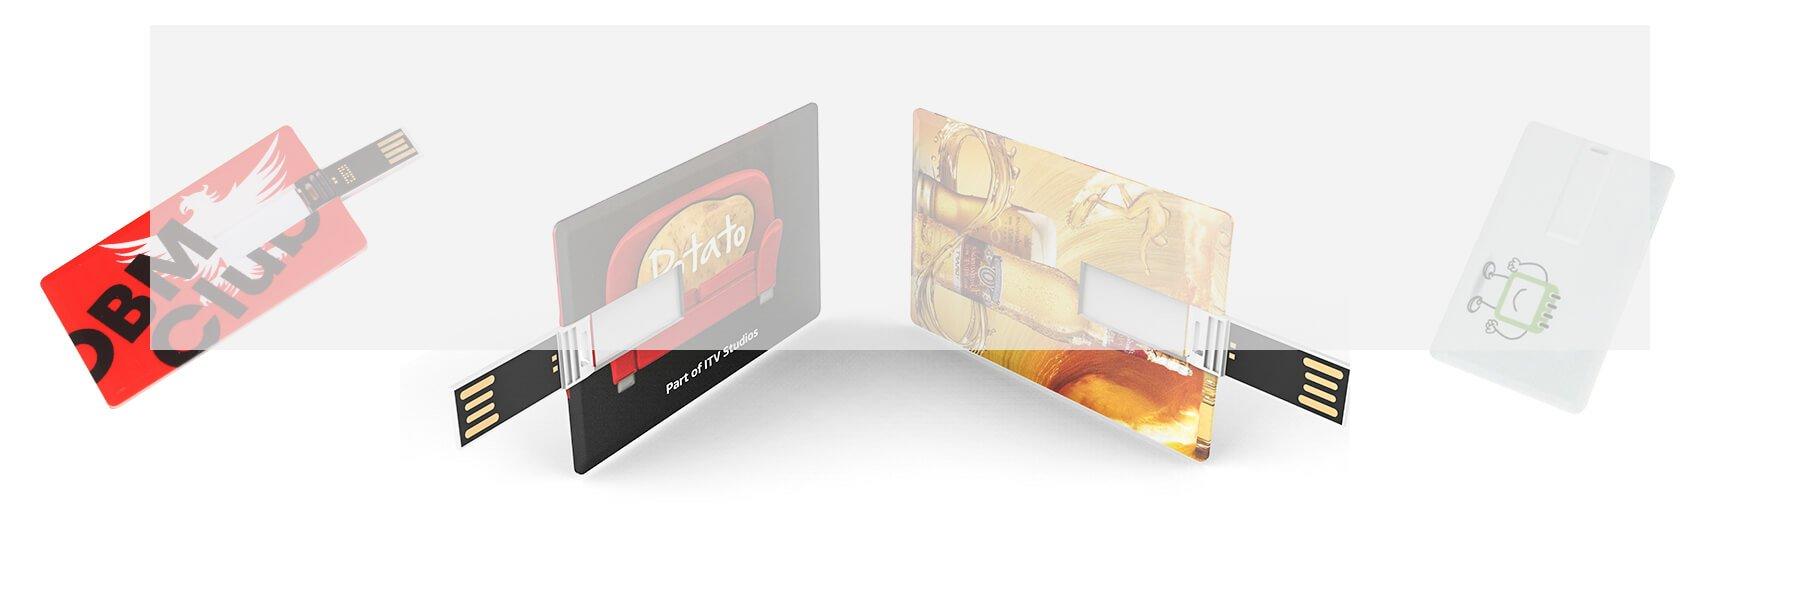 USB smart cards banner